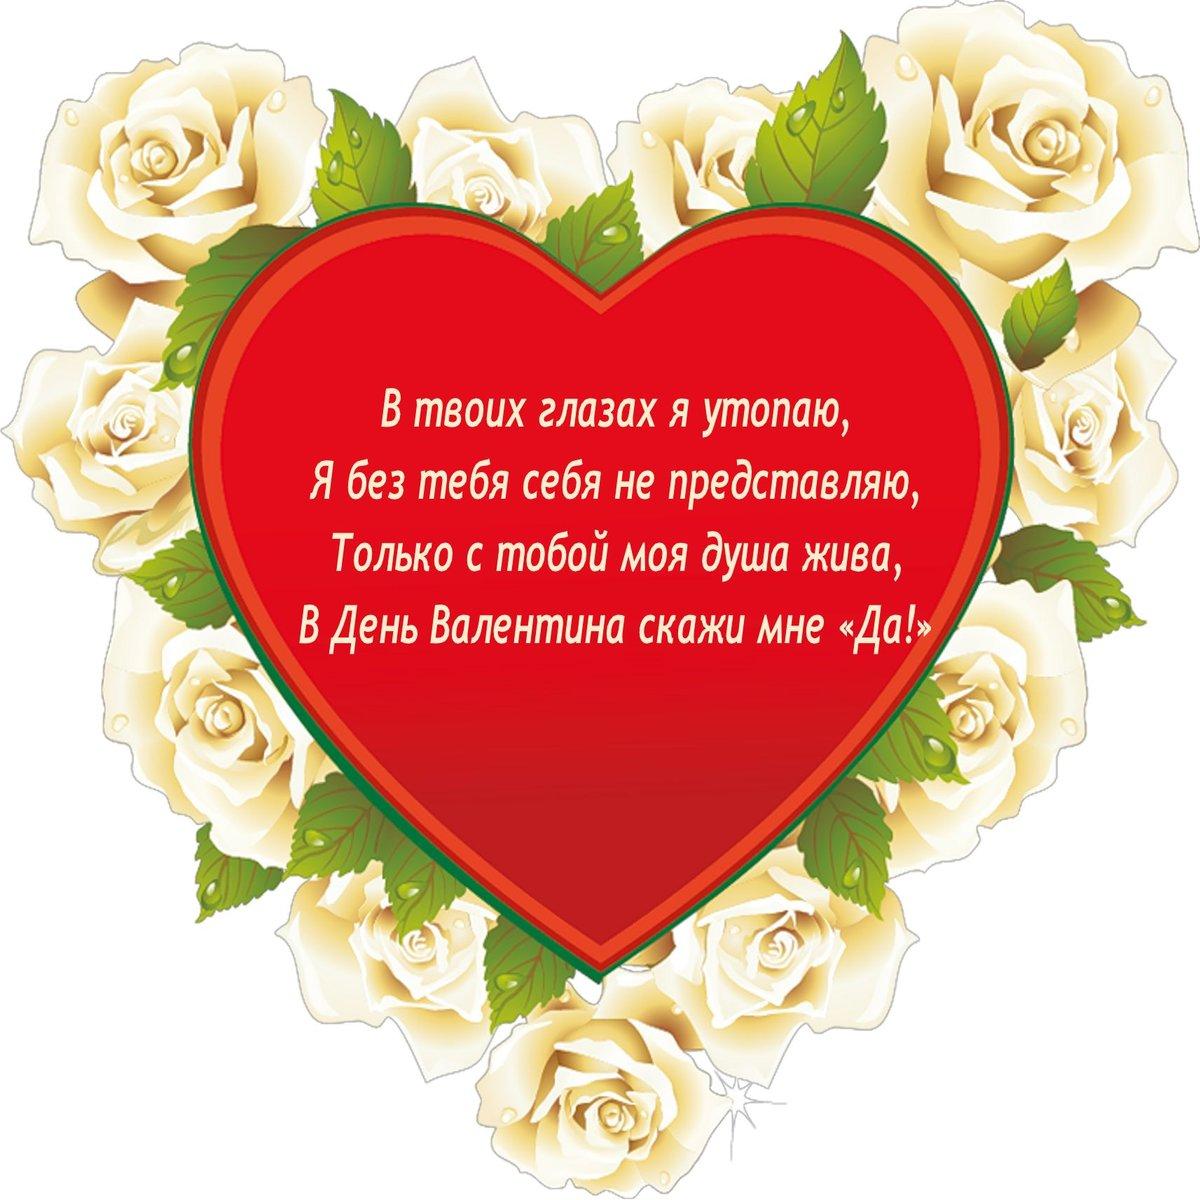 Подруги, поздравительные открытки друзьям сердечки